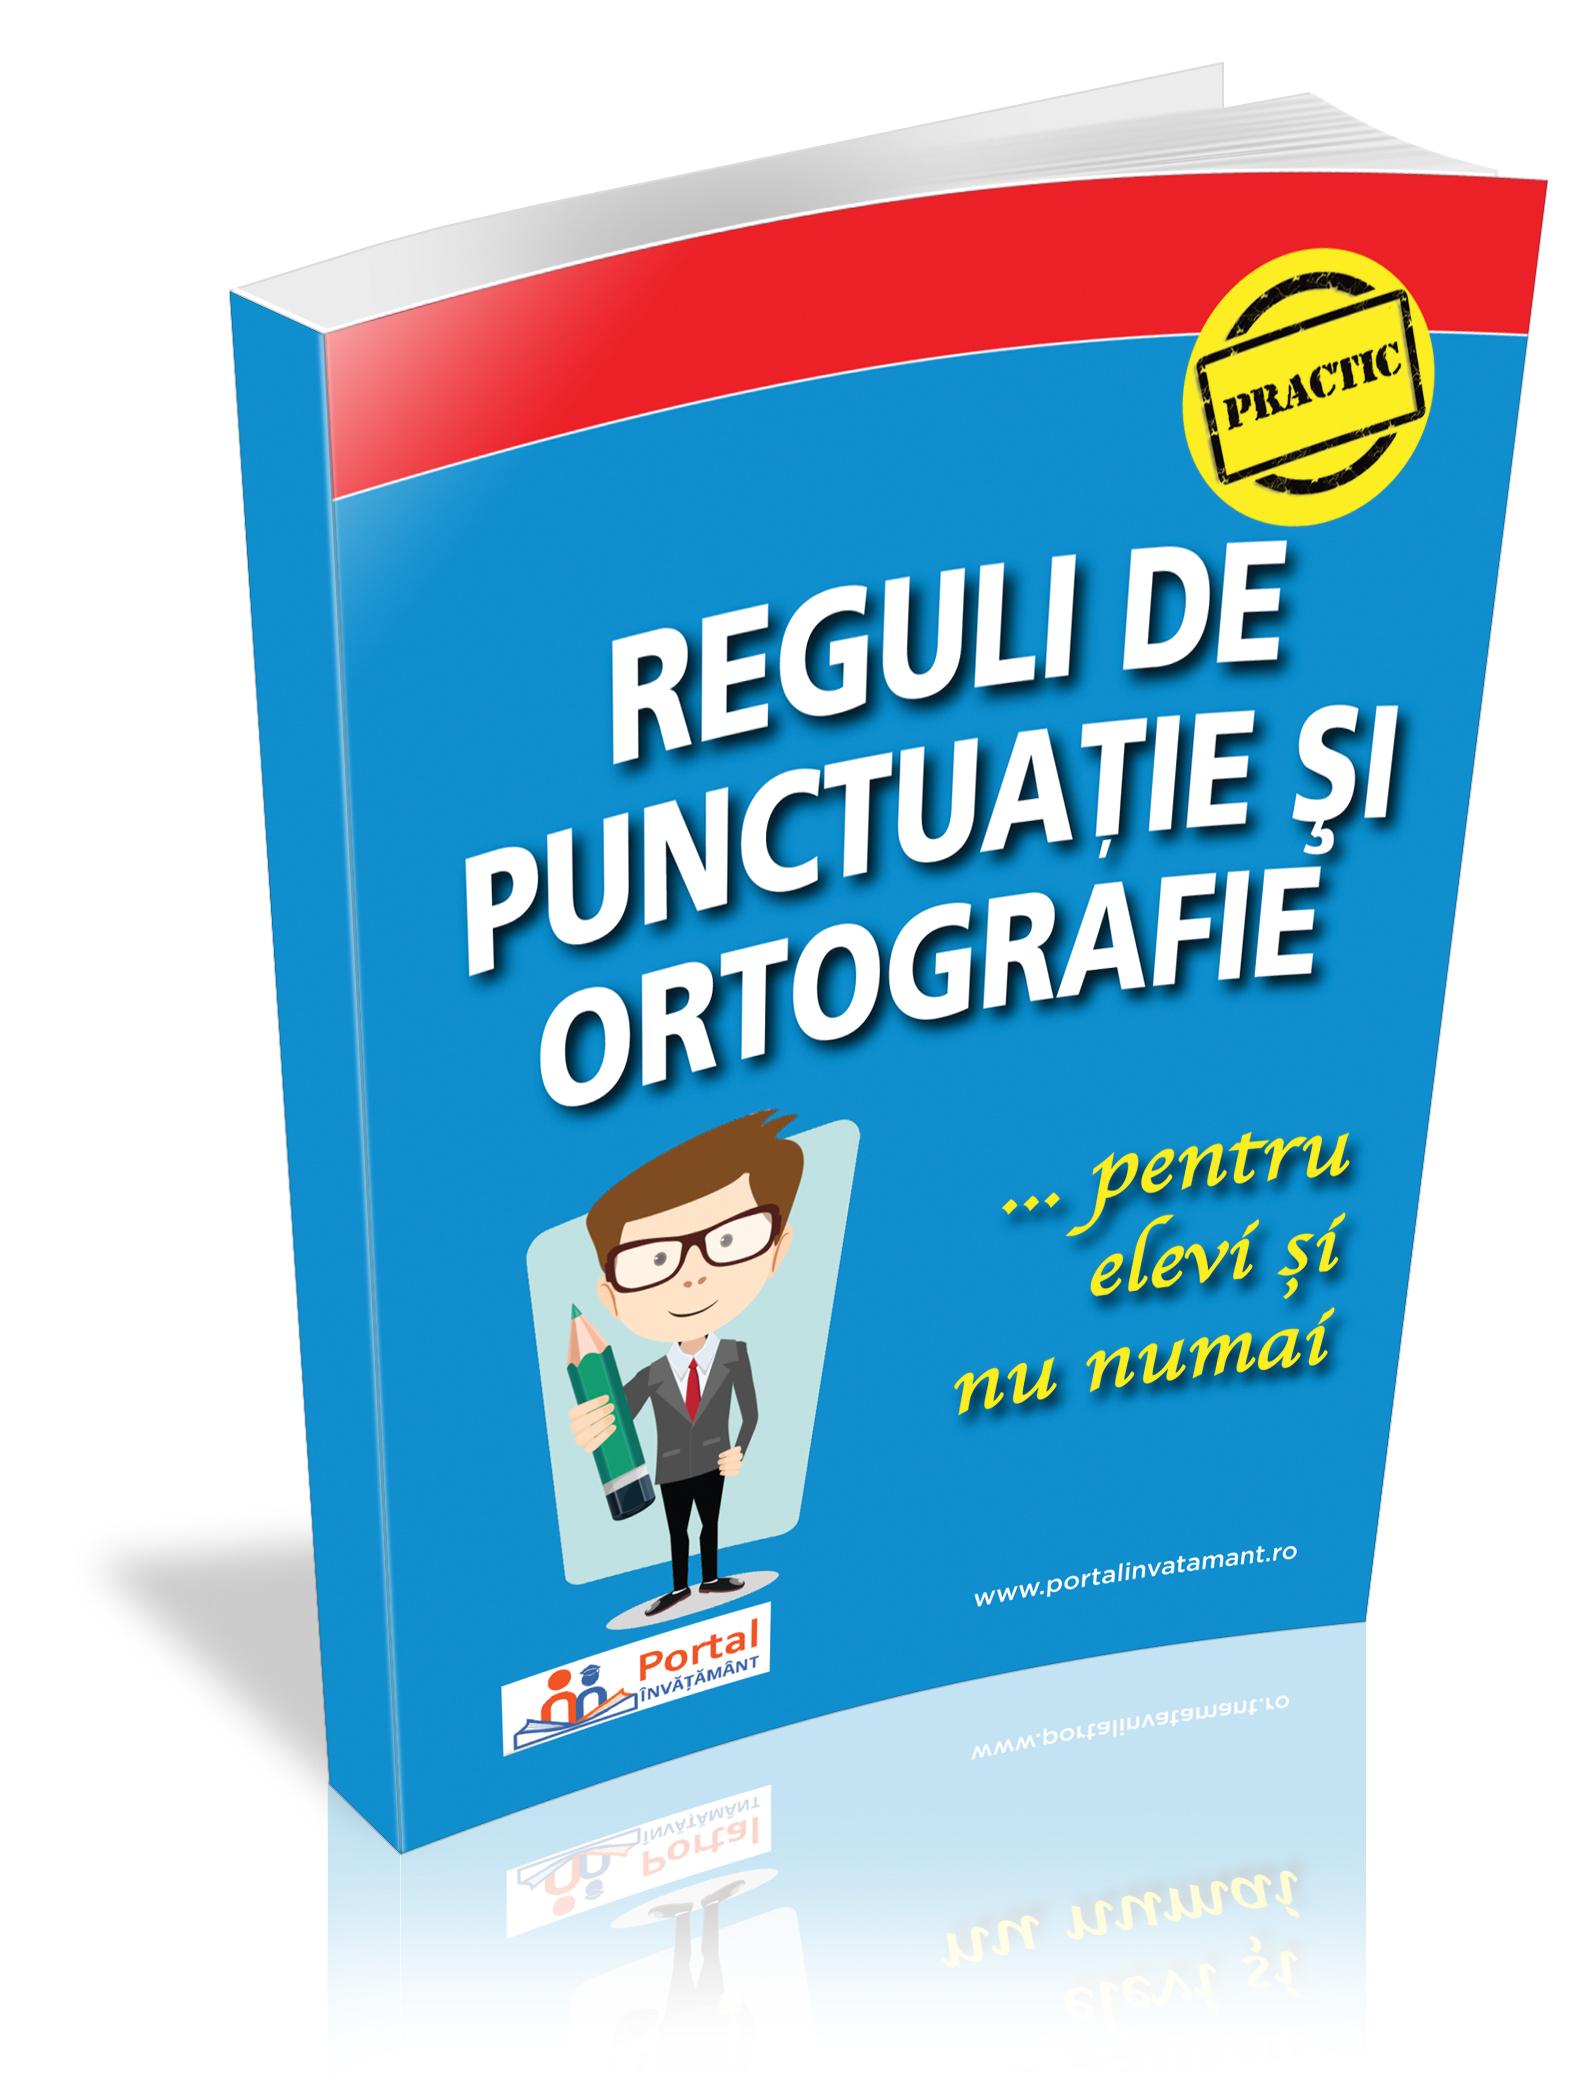 Reguli de punctuatie si ortografie pentru elevi si nu numai